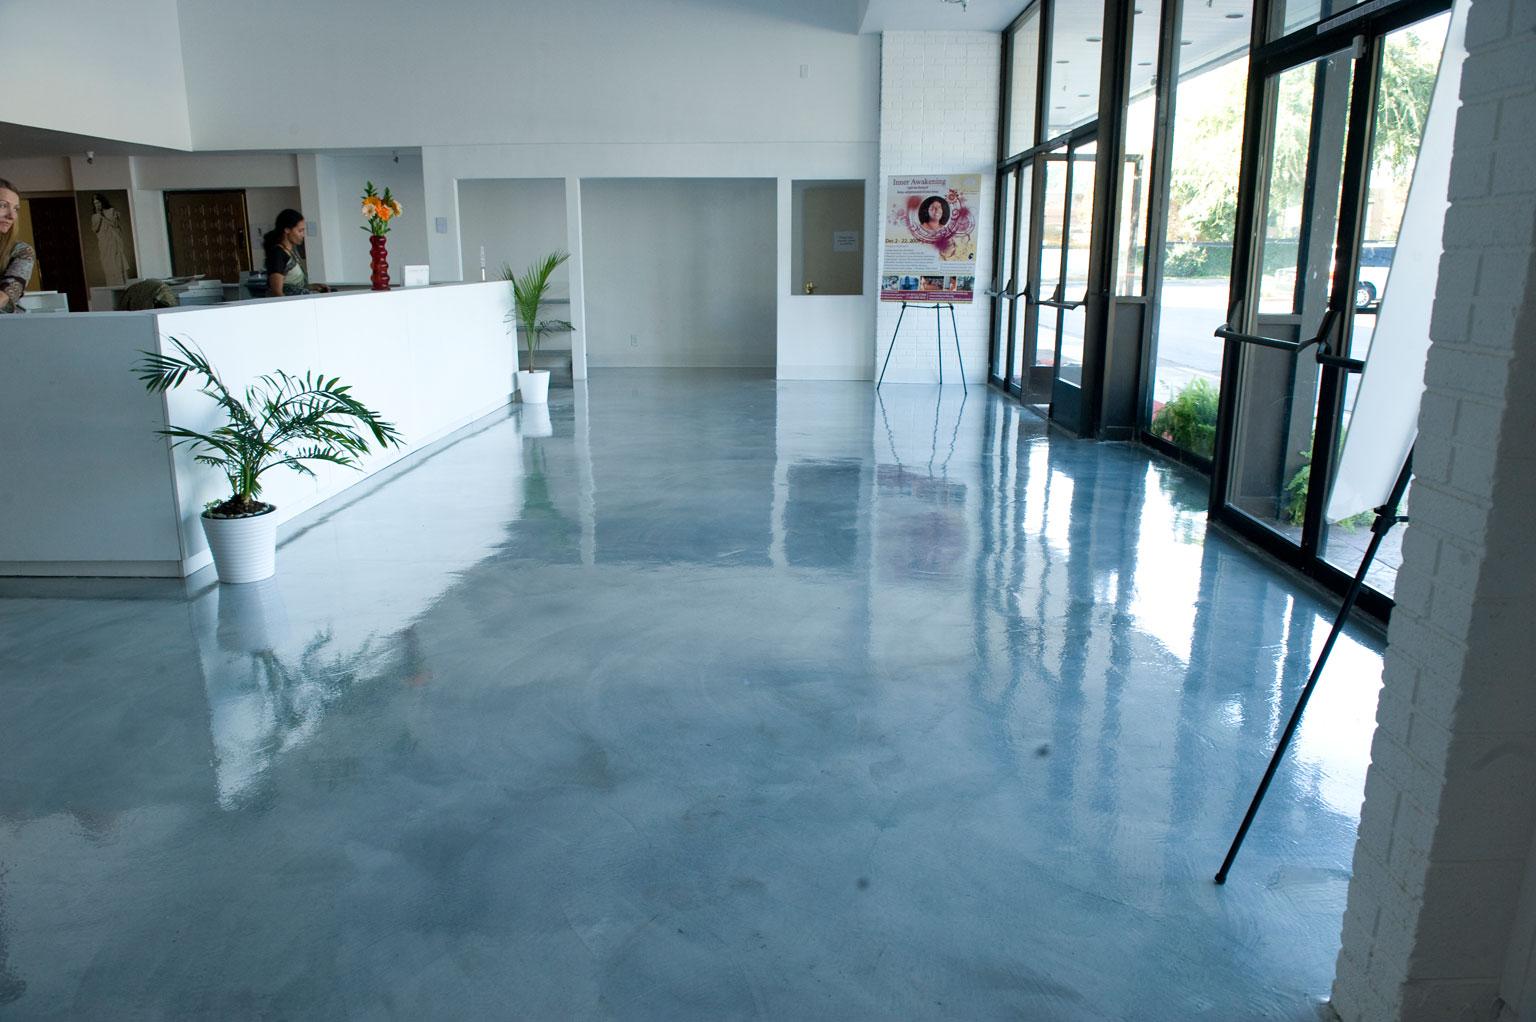 Epoxy Floor coatings in your garage